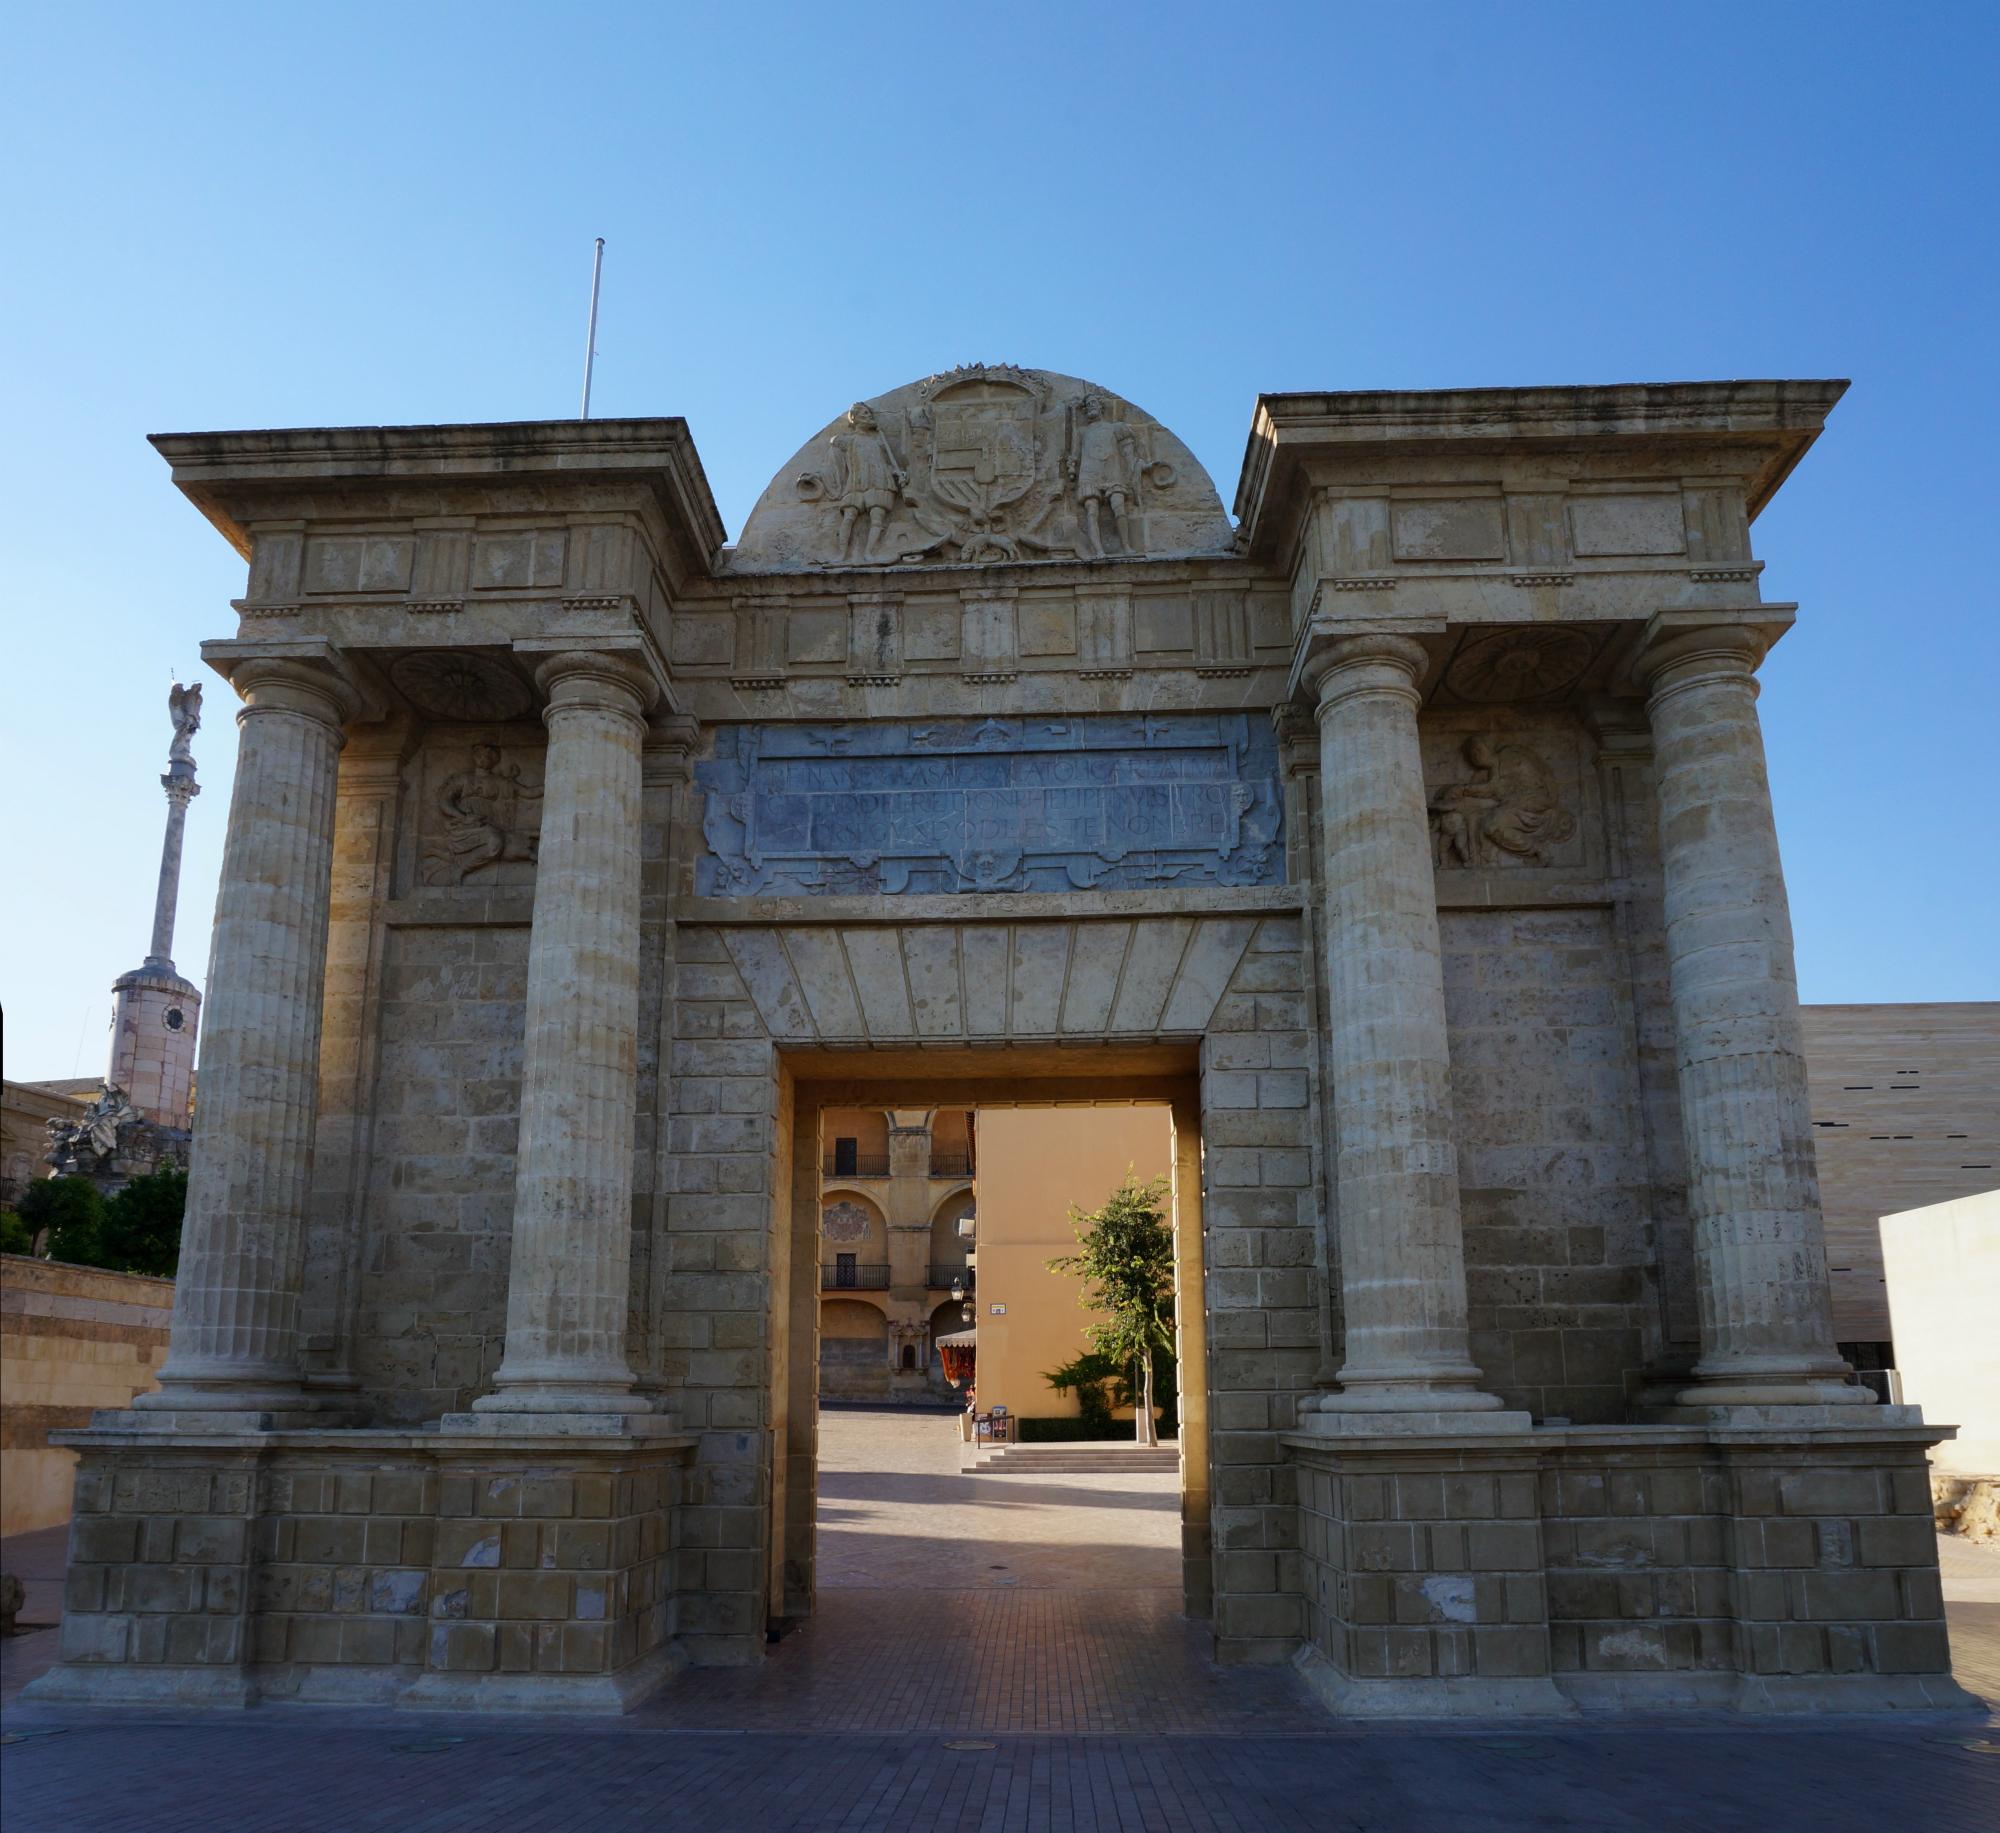 Córdoba's Puerta del Puente